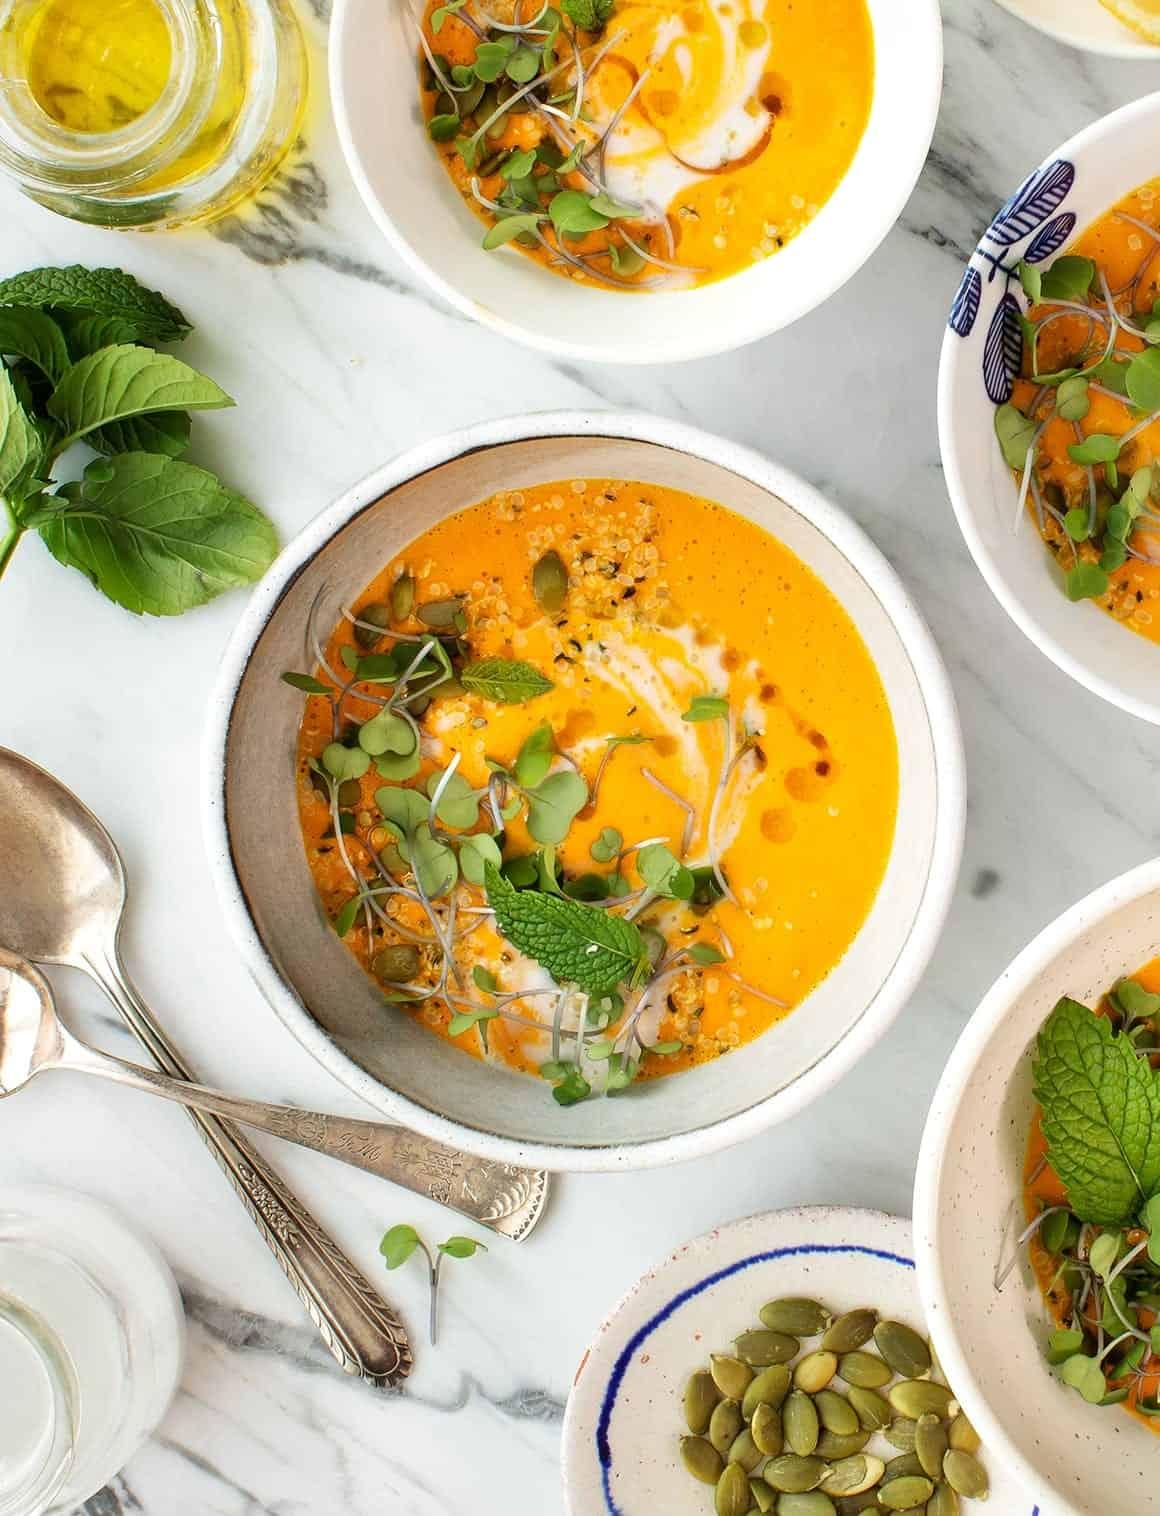 胡萝卜与柠檬草椰西班牙凉菜汤的碗里徳赢vwin捕鱼游戏